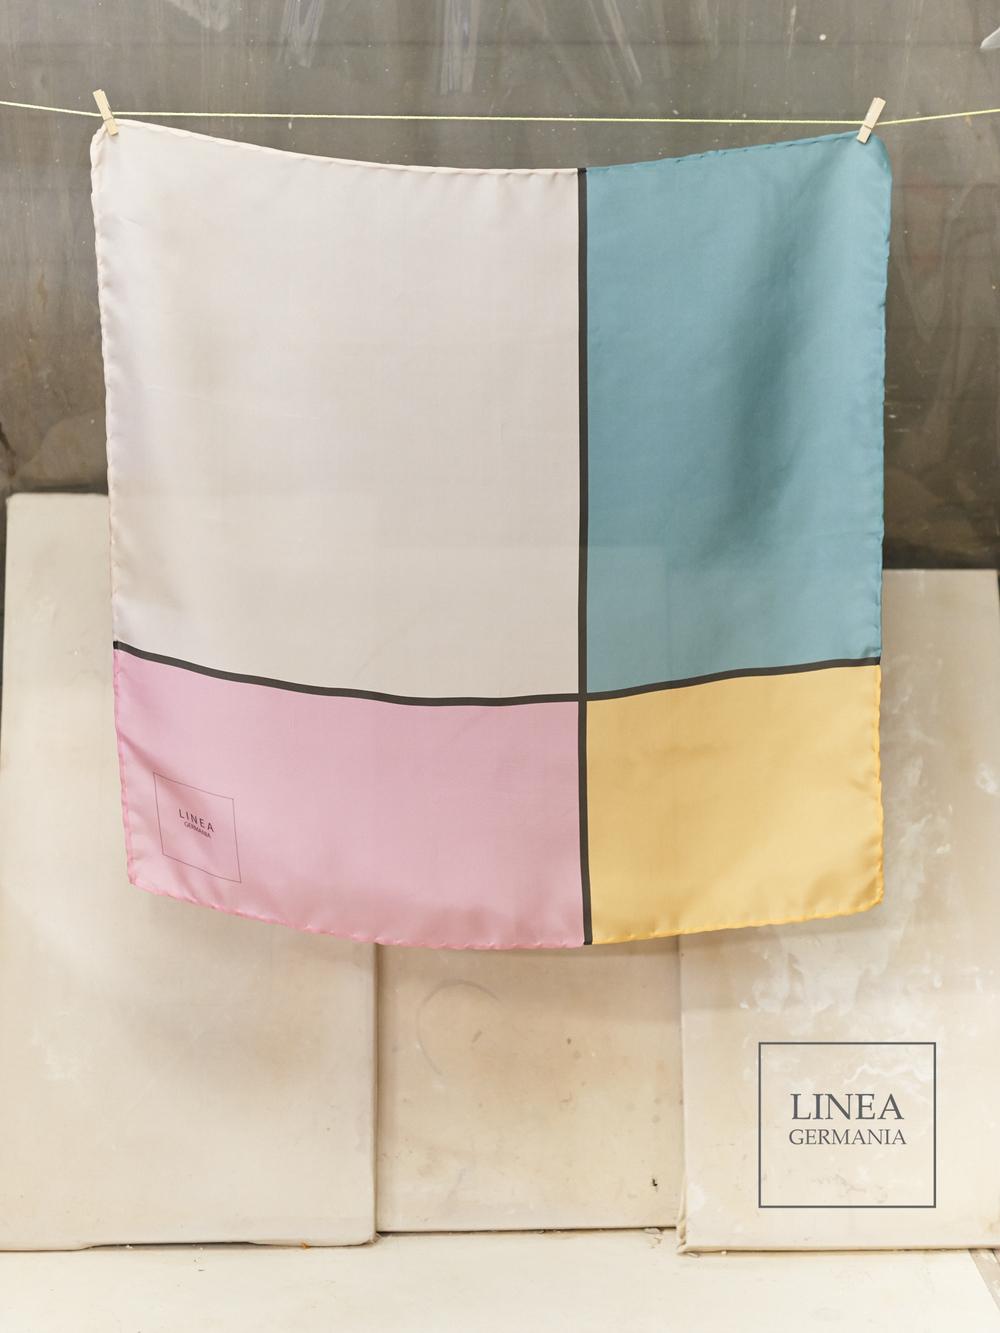 Linea Germania Color Dance 1.jpg